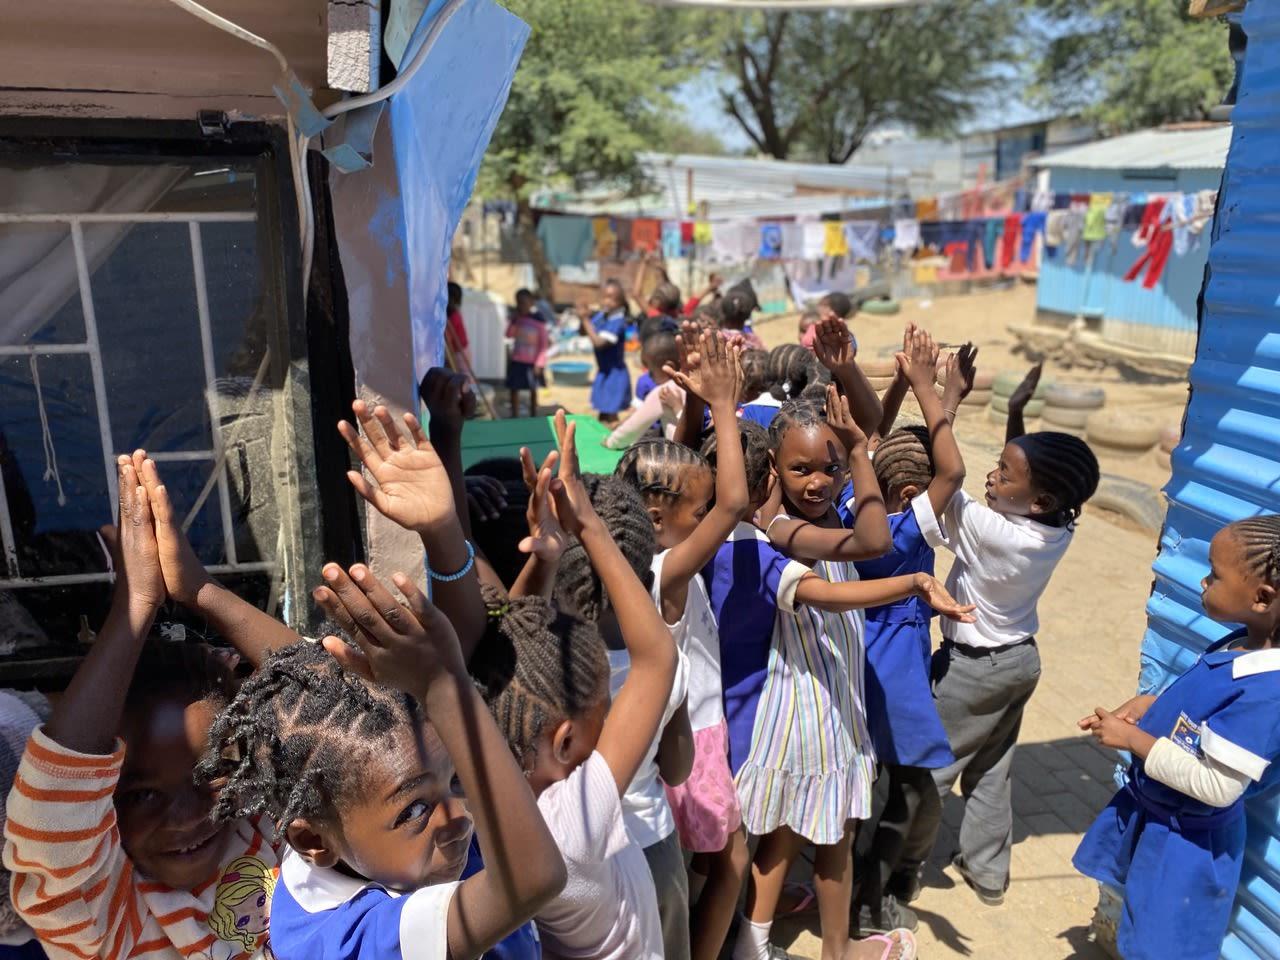 Kinder stehen in ihrer blauen Schuluniform in langer Schlange und klatschen freudig in die Hände.